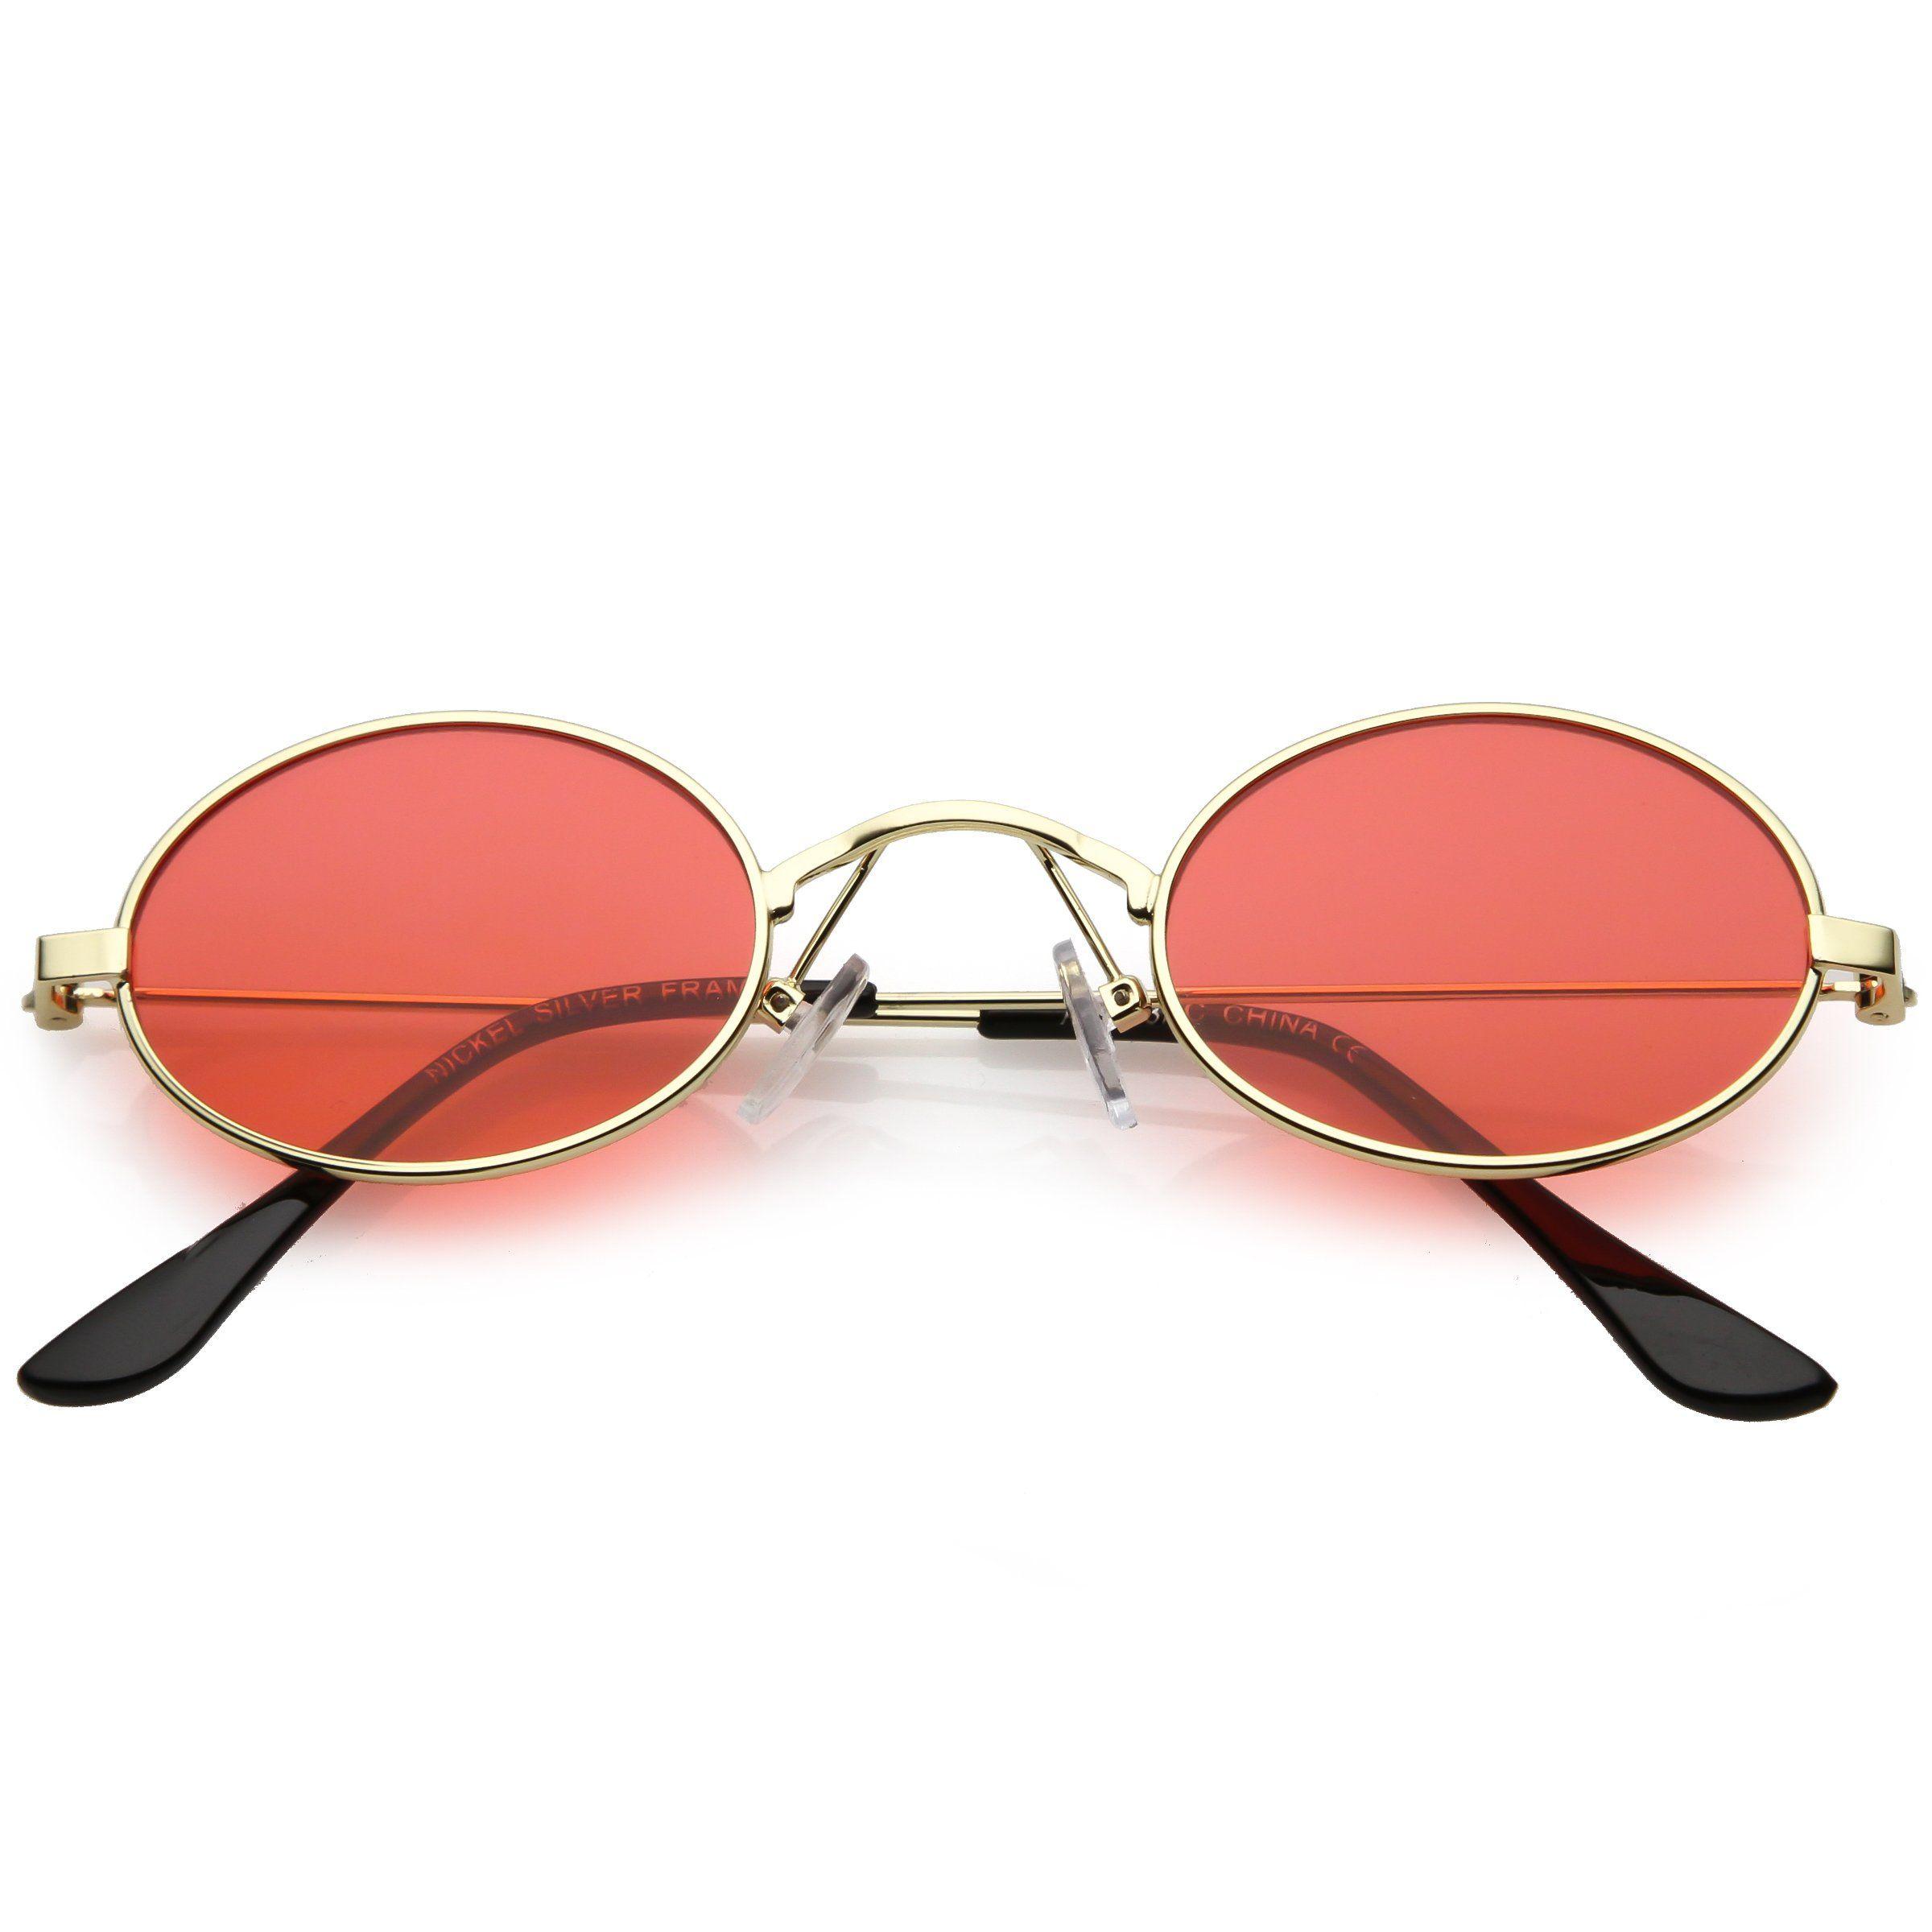 7dfd6bc13c7270 Retro 1990 s Small Oval Color Tone Metal Sunglasses C616 in 2019 ...